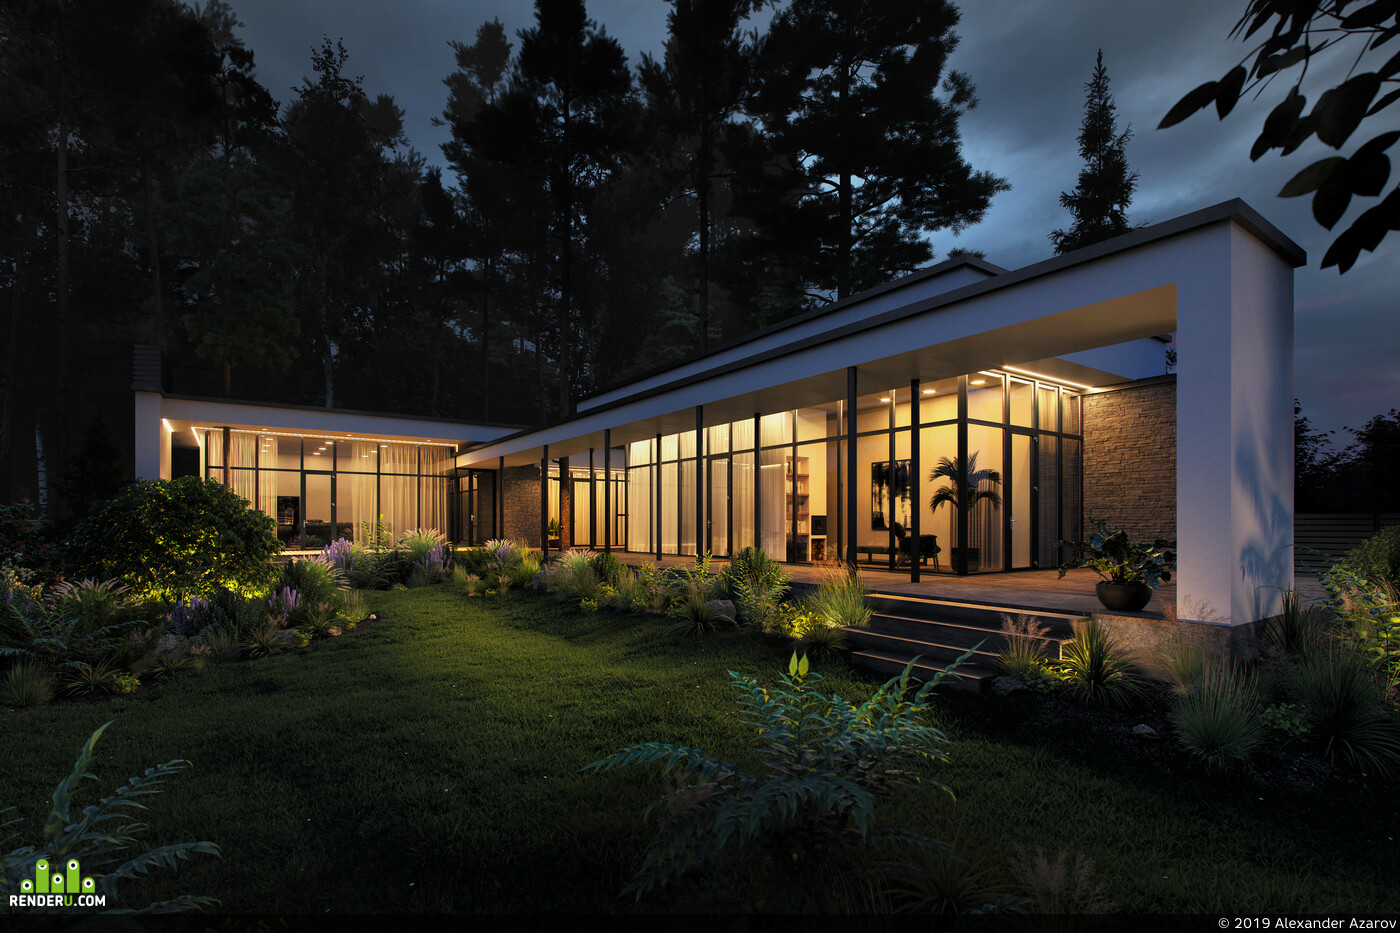 частный дом, Загородный дом, дом, Дом в лесу, лес, картина, кресло, газон, Куст